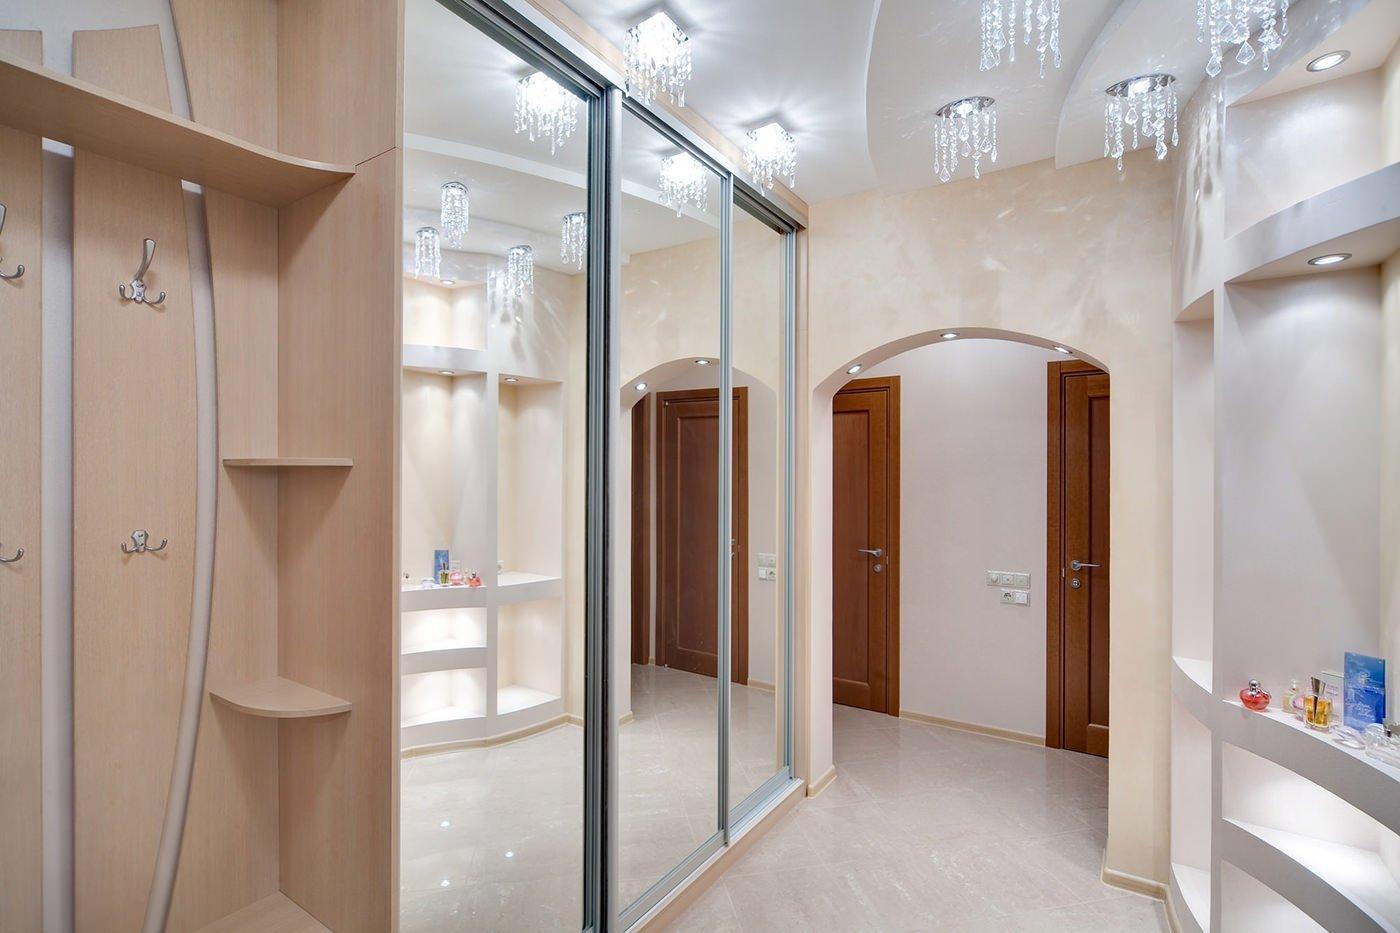 Зеркальный шкаф в прихожей